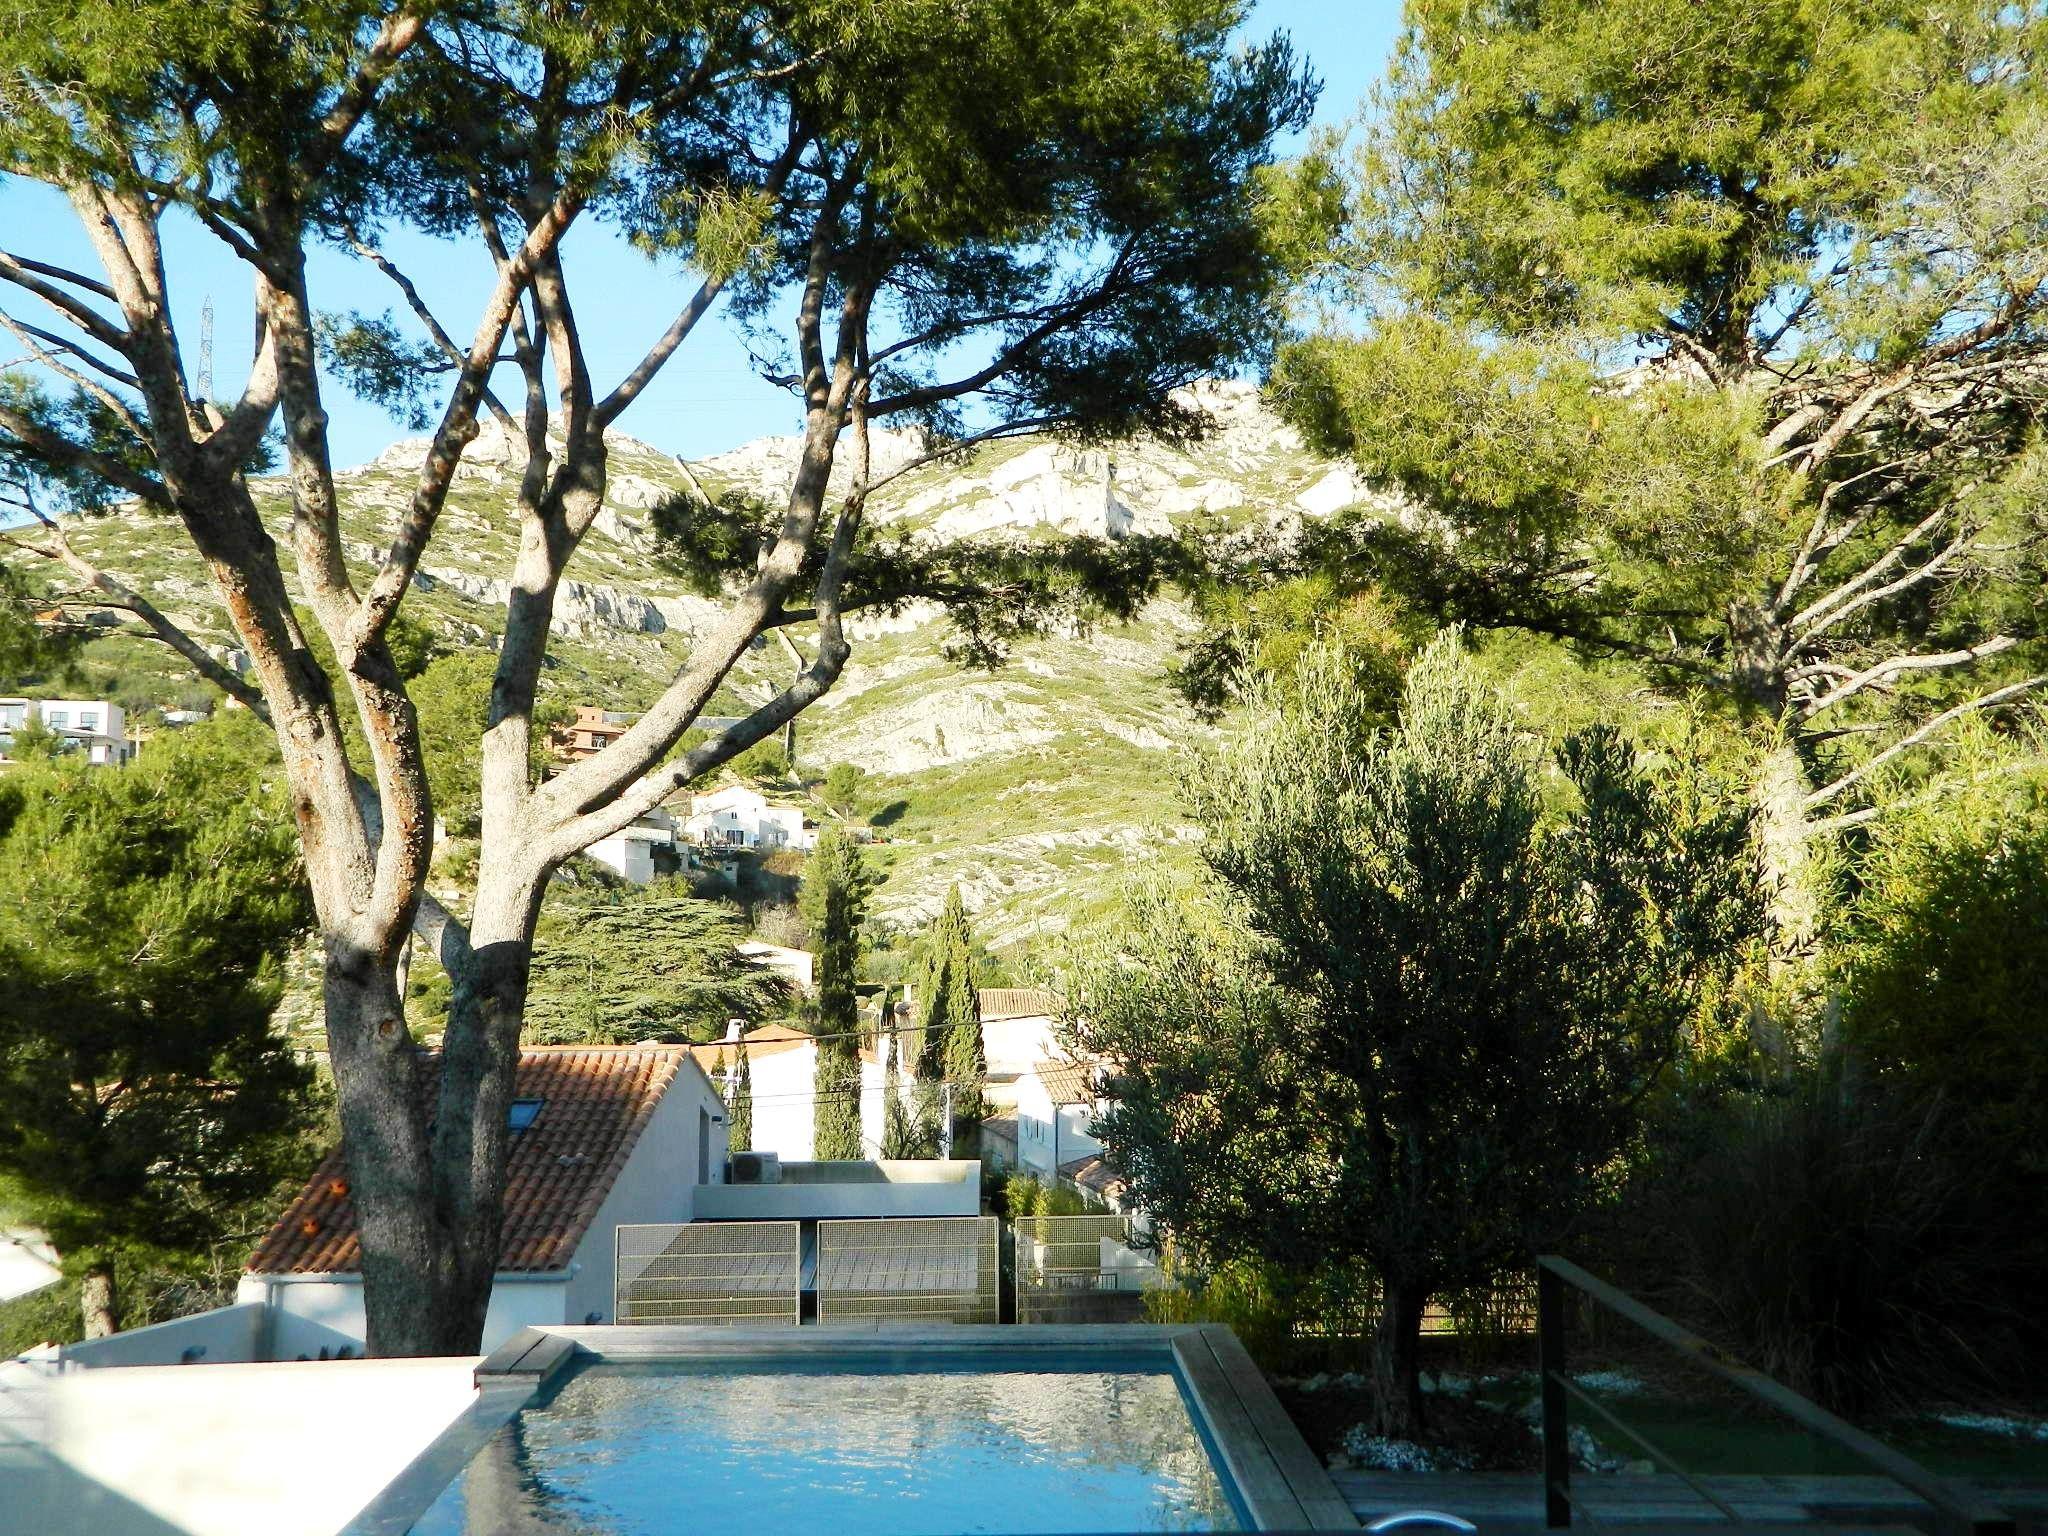 独户住宅 为 销售 在 EXCLUSIVITÉ - VILLA CONTEMPORAINE LA PANOUSE 马赛, 普罗旺斯阿尔卑斯蓝色海岸, 13009 法国